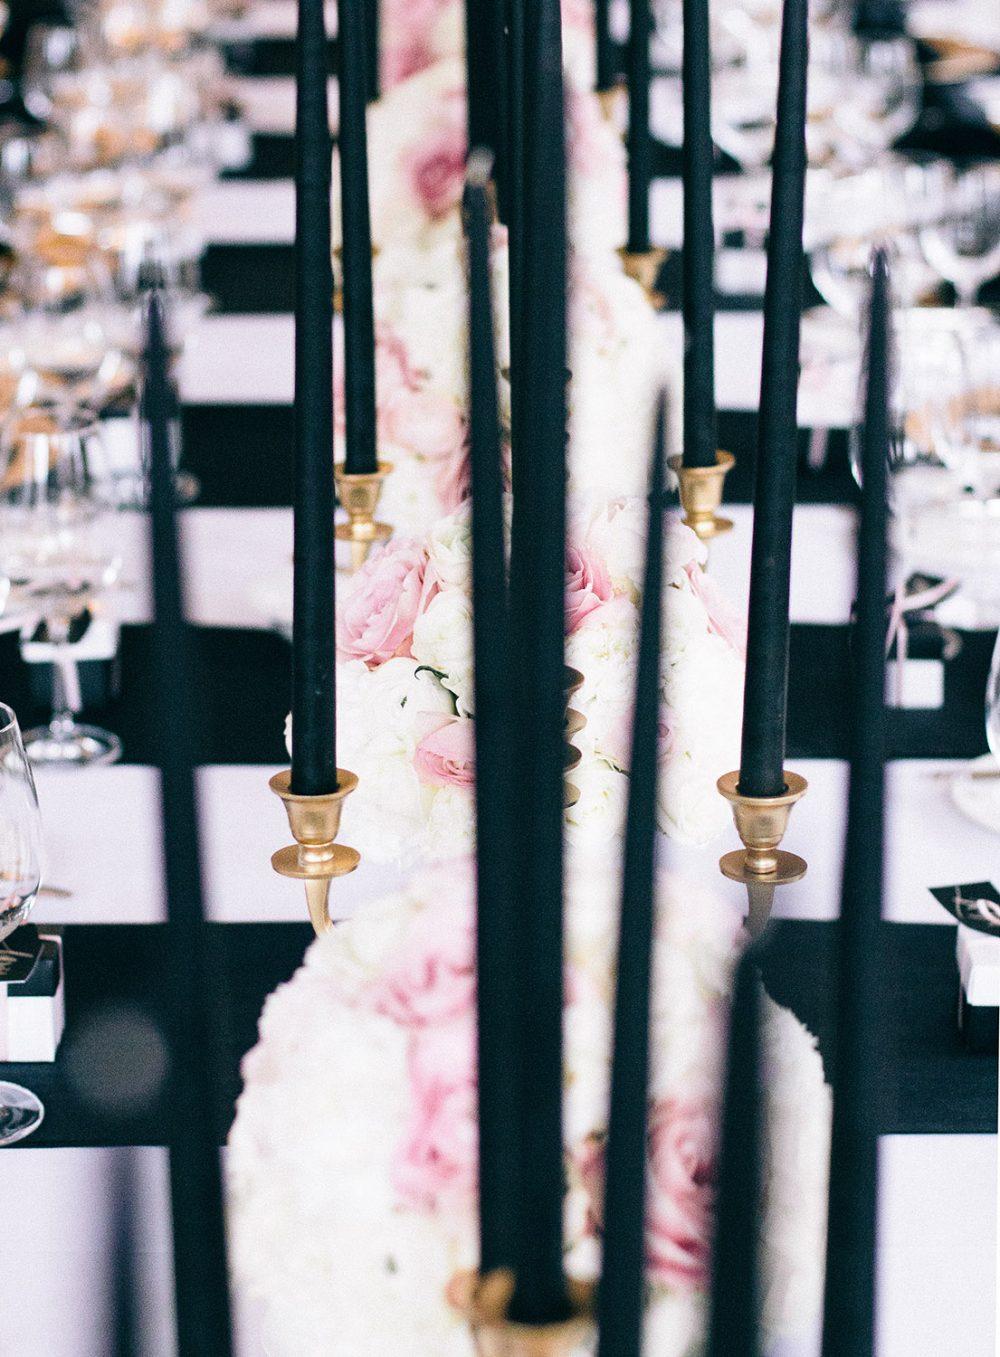 Hochzeit Hotel Restaurant Storchen Zürich Stadthochzeit Switzerland Wedding Zurich Floral Design Event Styling options schweiz luxury wedding